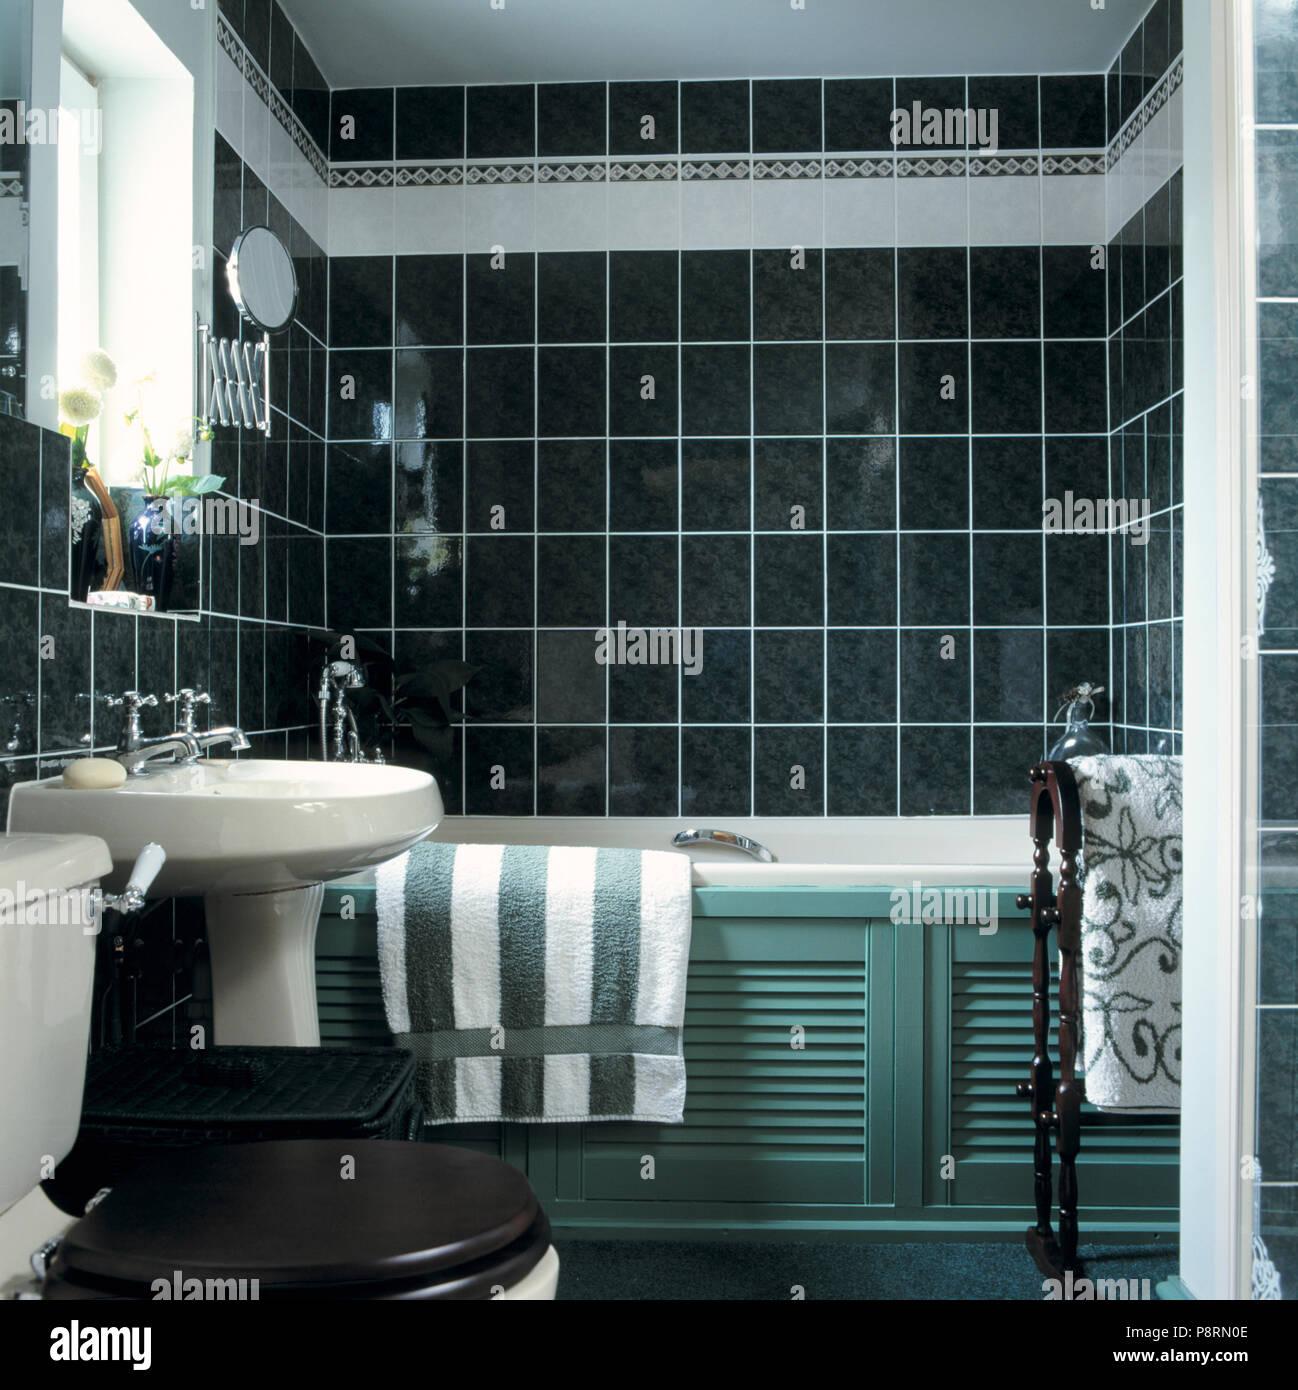 Grun Weiss Handtuch Auf Badewanne Mit Louvre Verkleidung In Schwarz